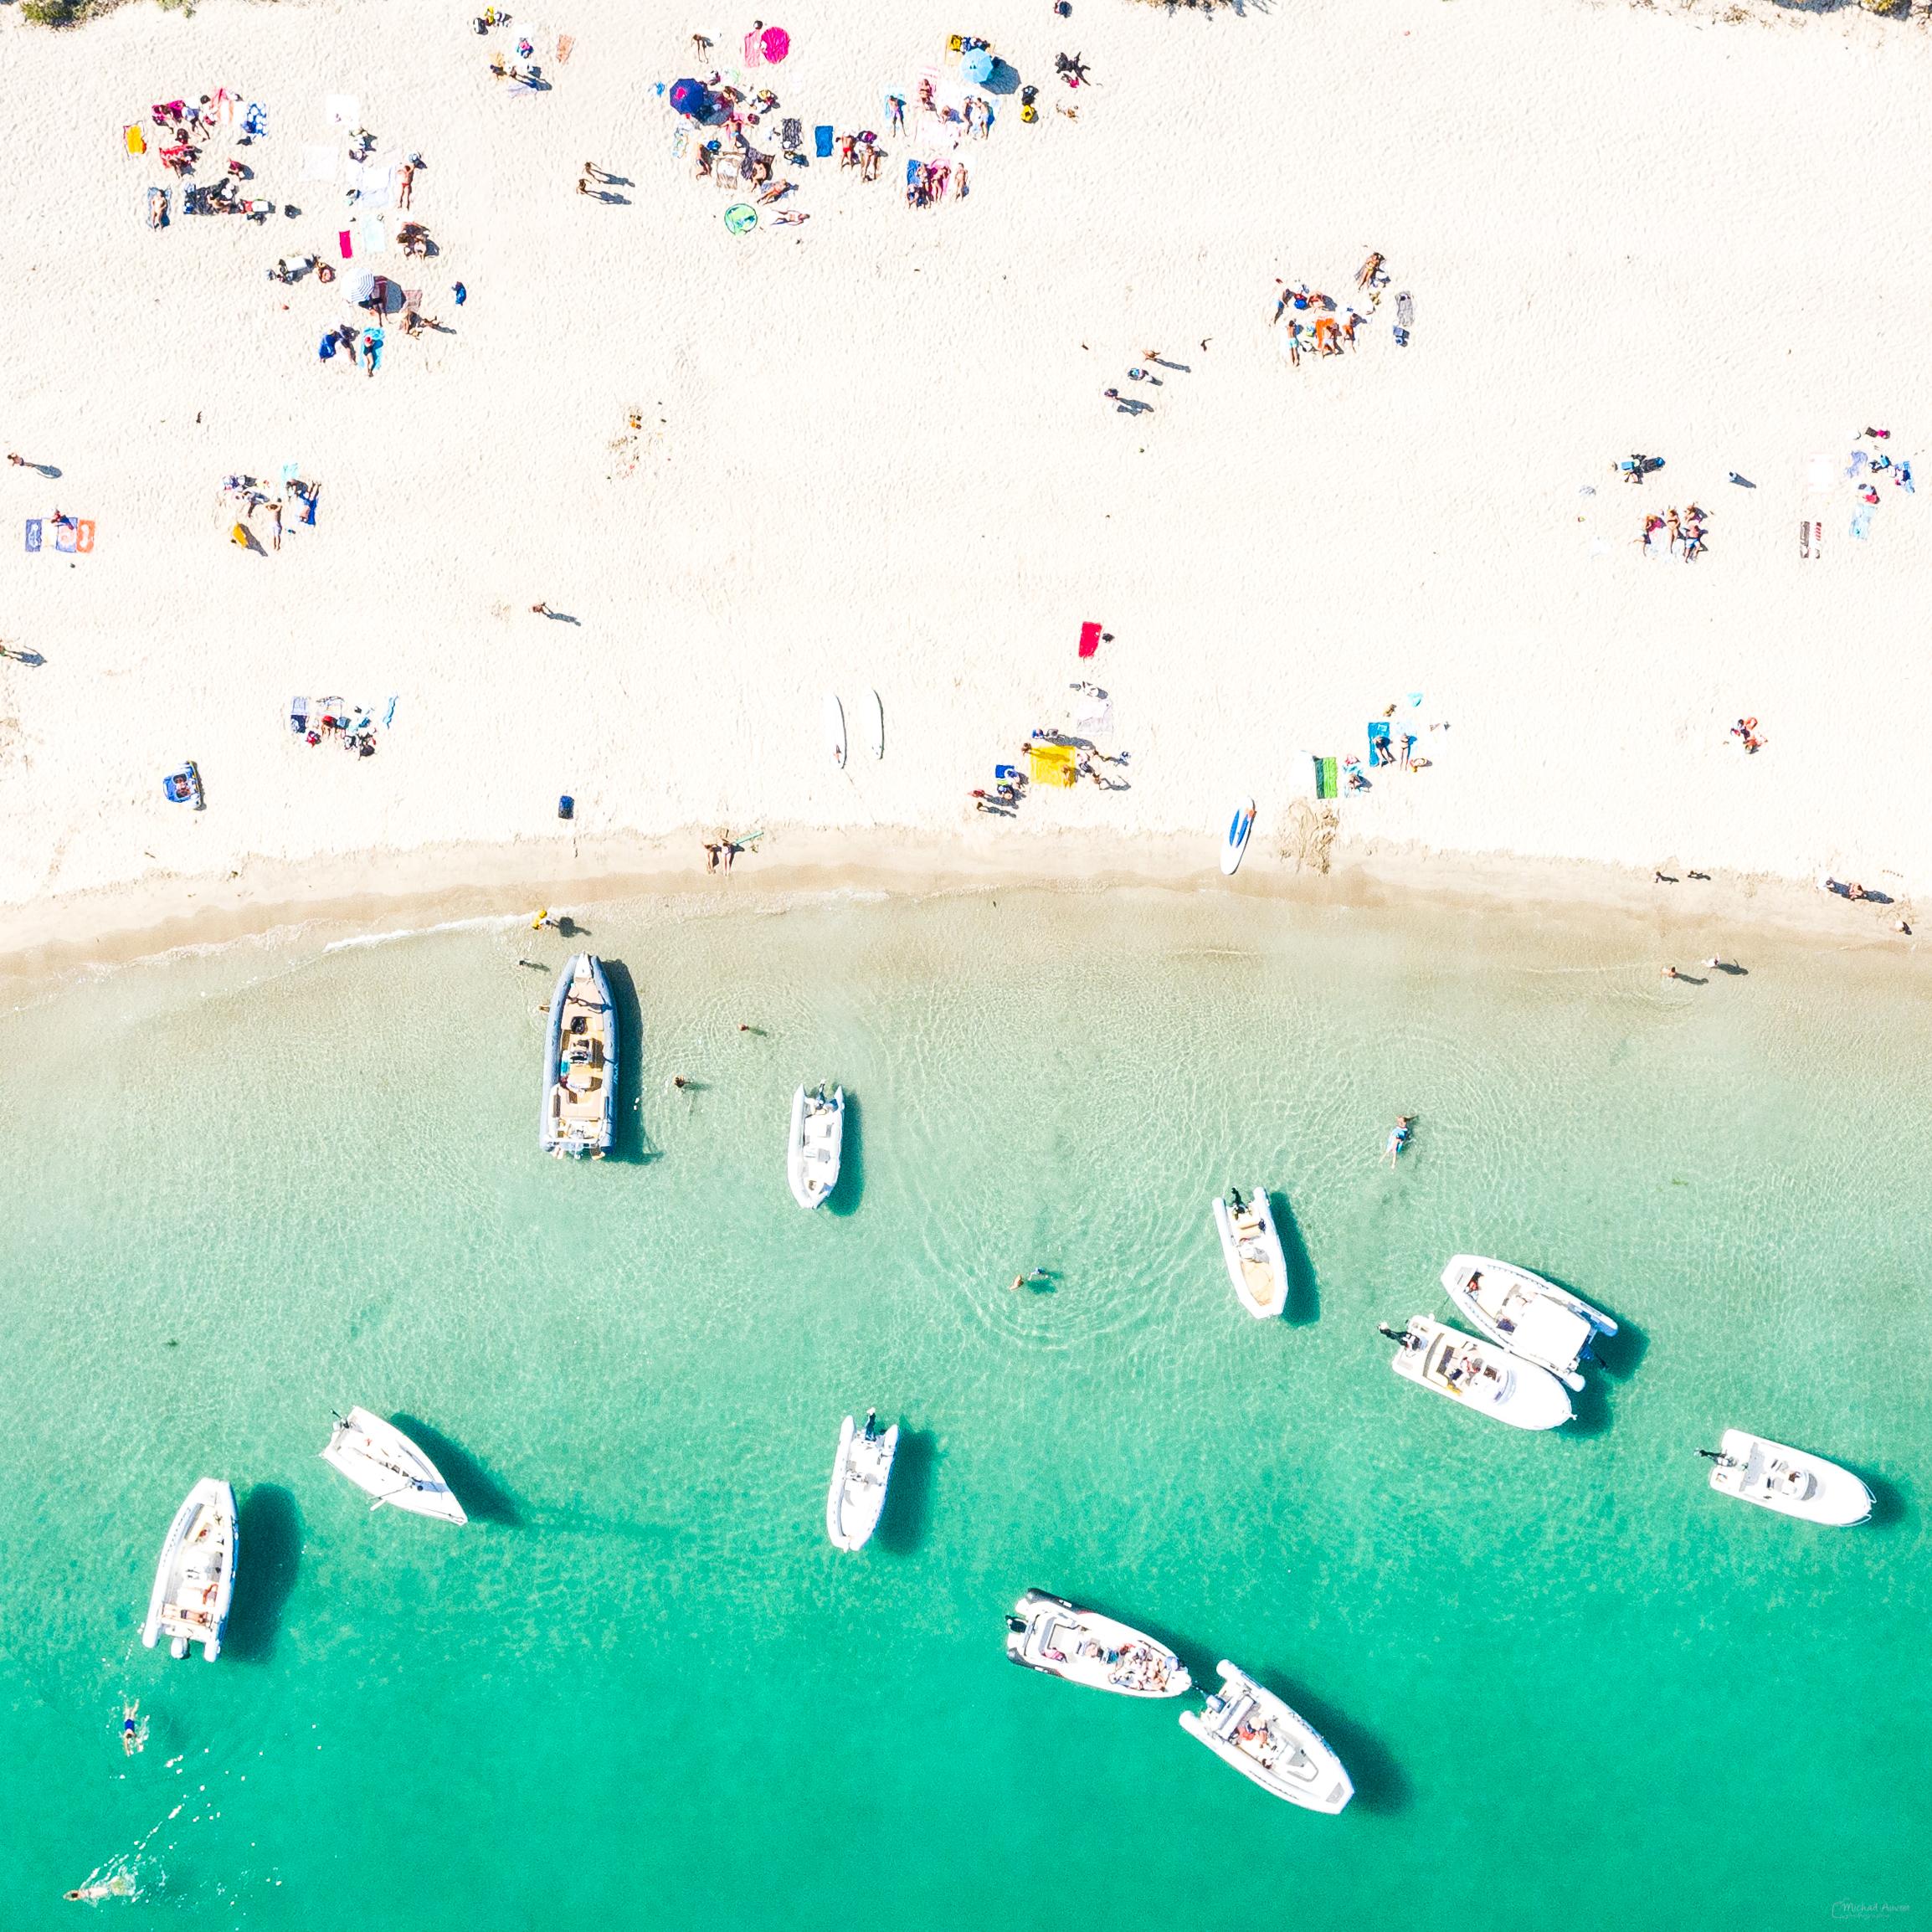 plage mer sable vue-du-ciel aérienne ebihen